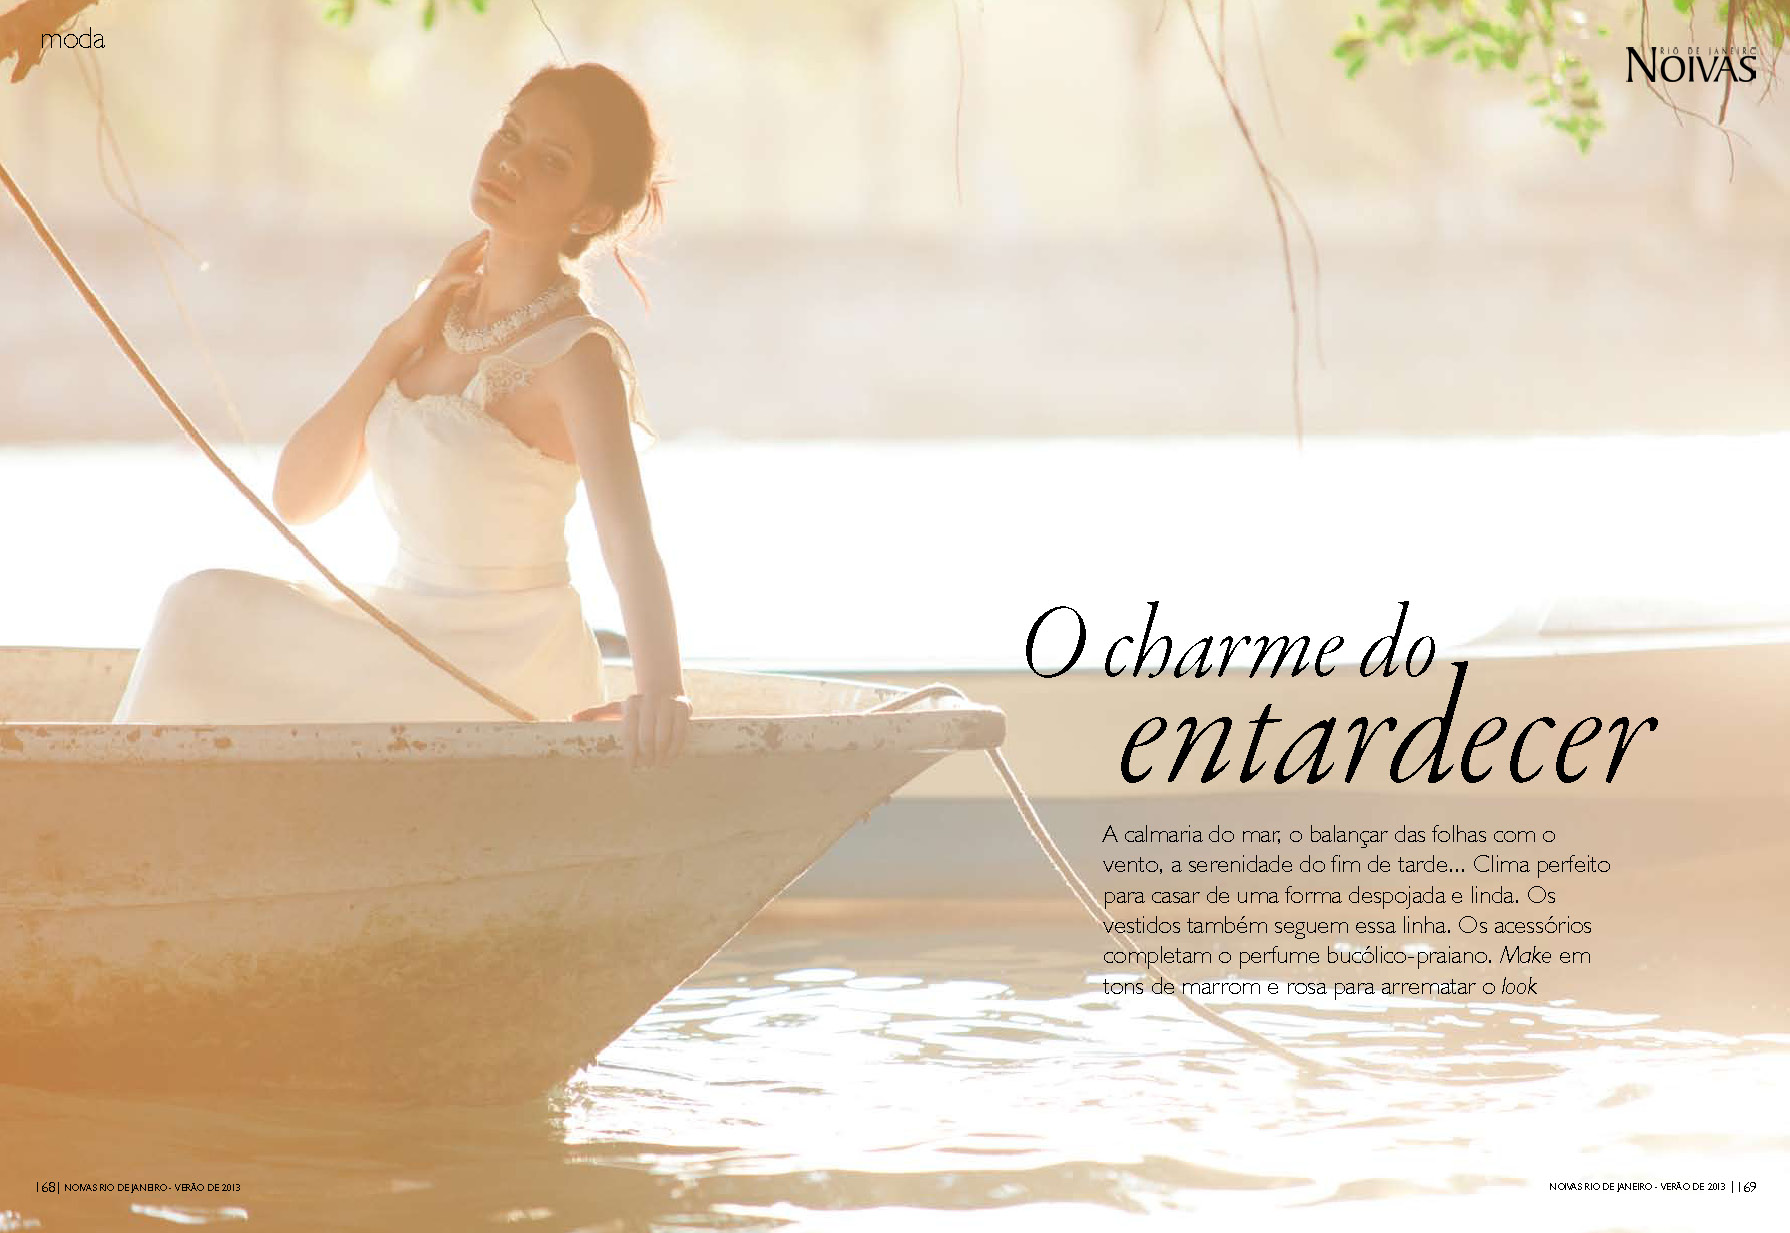 Saiu na mídia: editorial para revista Noivas RJ – Carla Barraqui